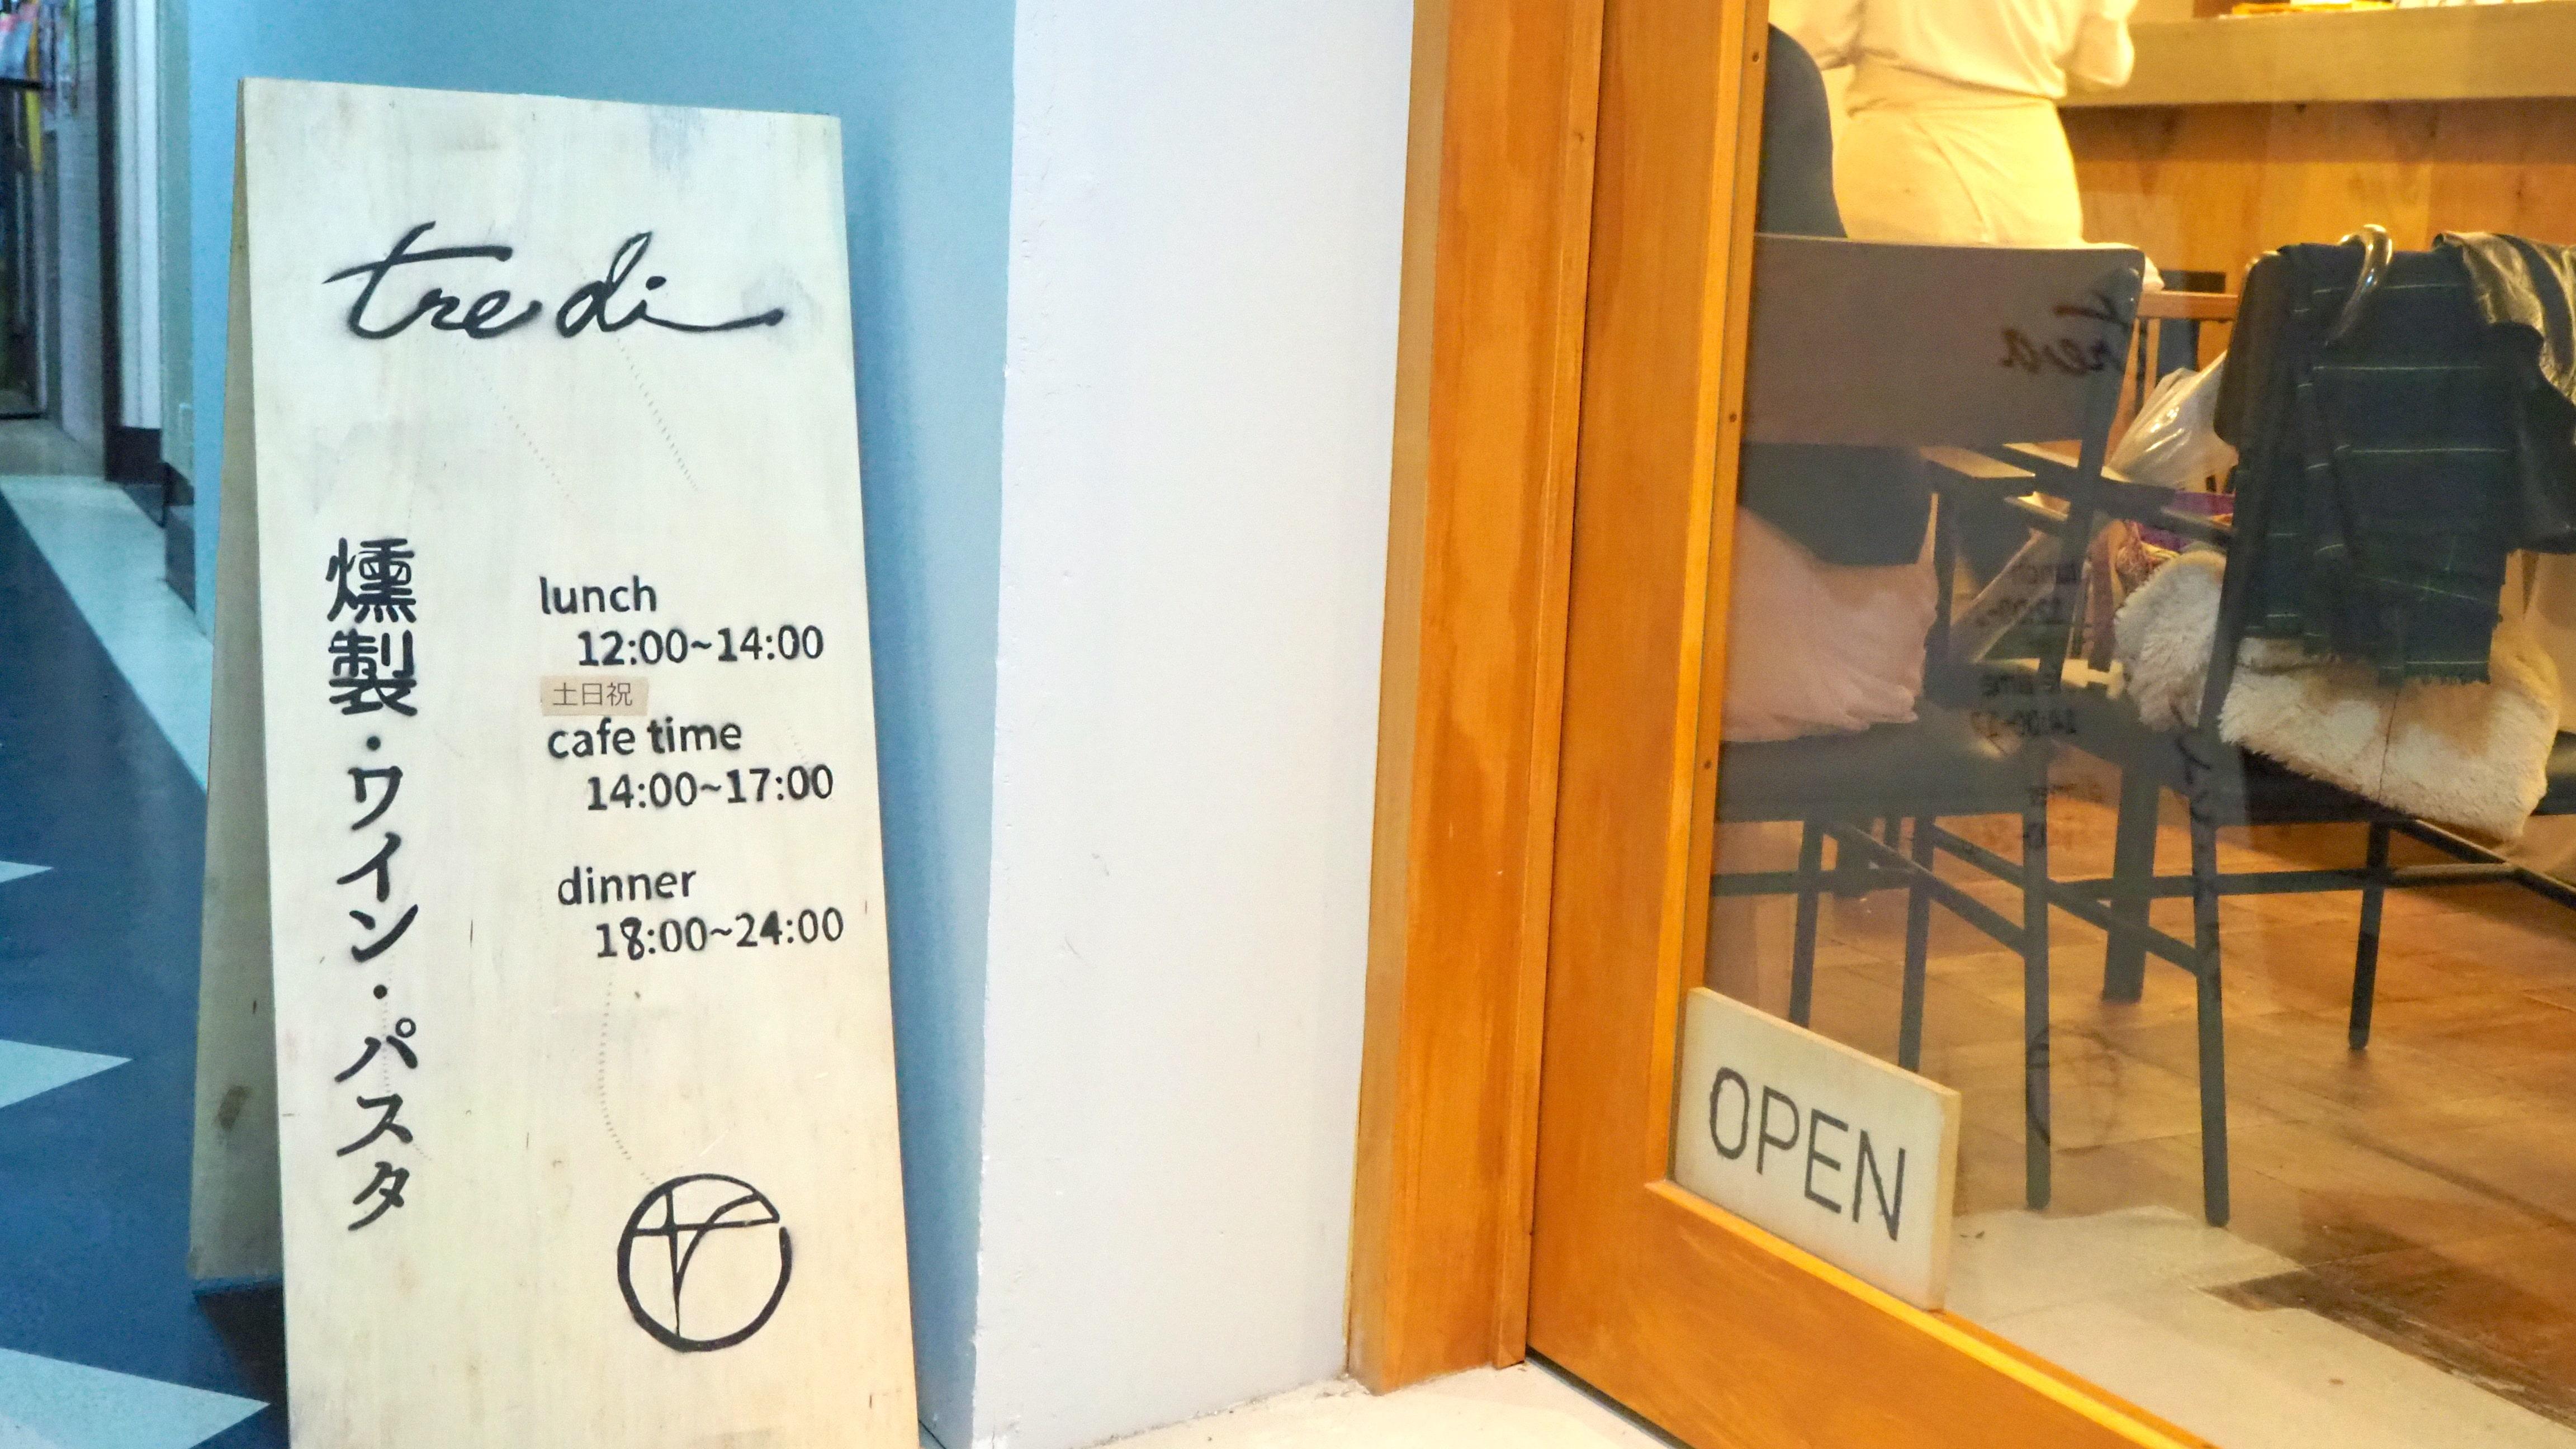 矢場町の隠れ家ビストロカフェ「tredi トレディ」の贅沢燻製ランチ - tredi6